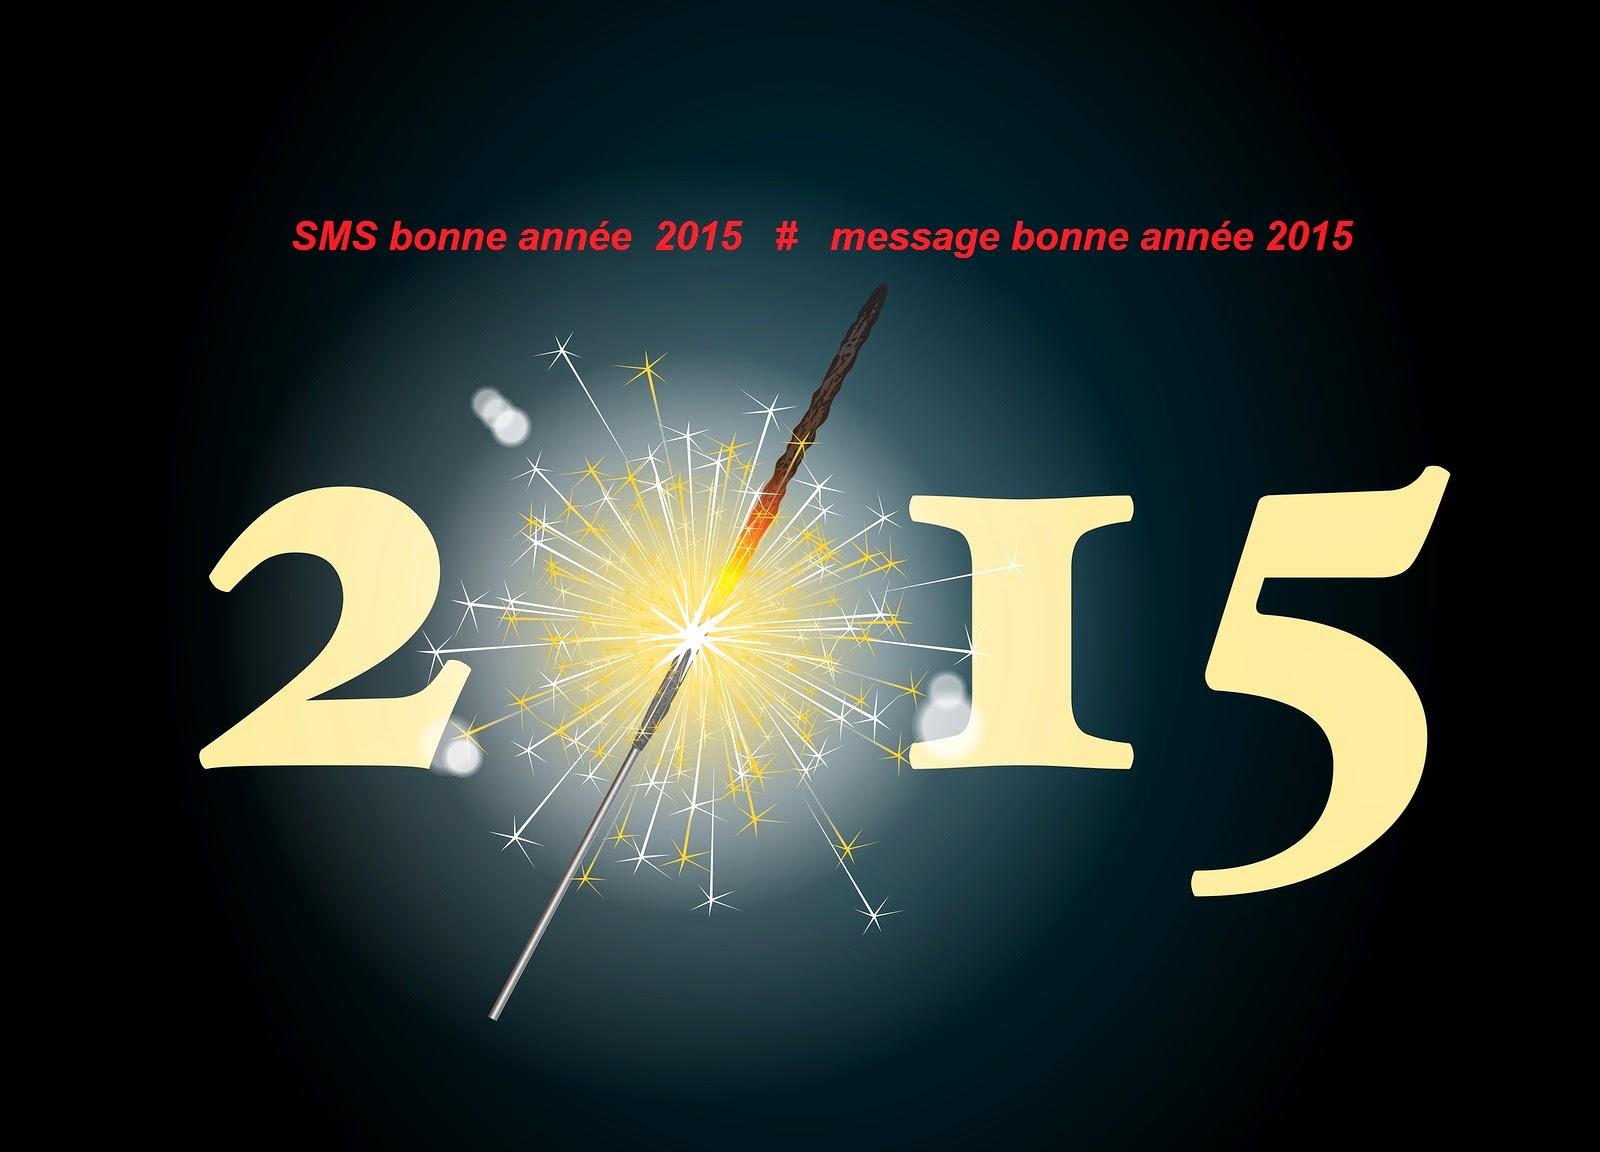 SMS bonne année  2015 et message bonne année 2015